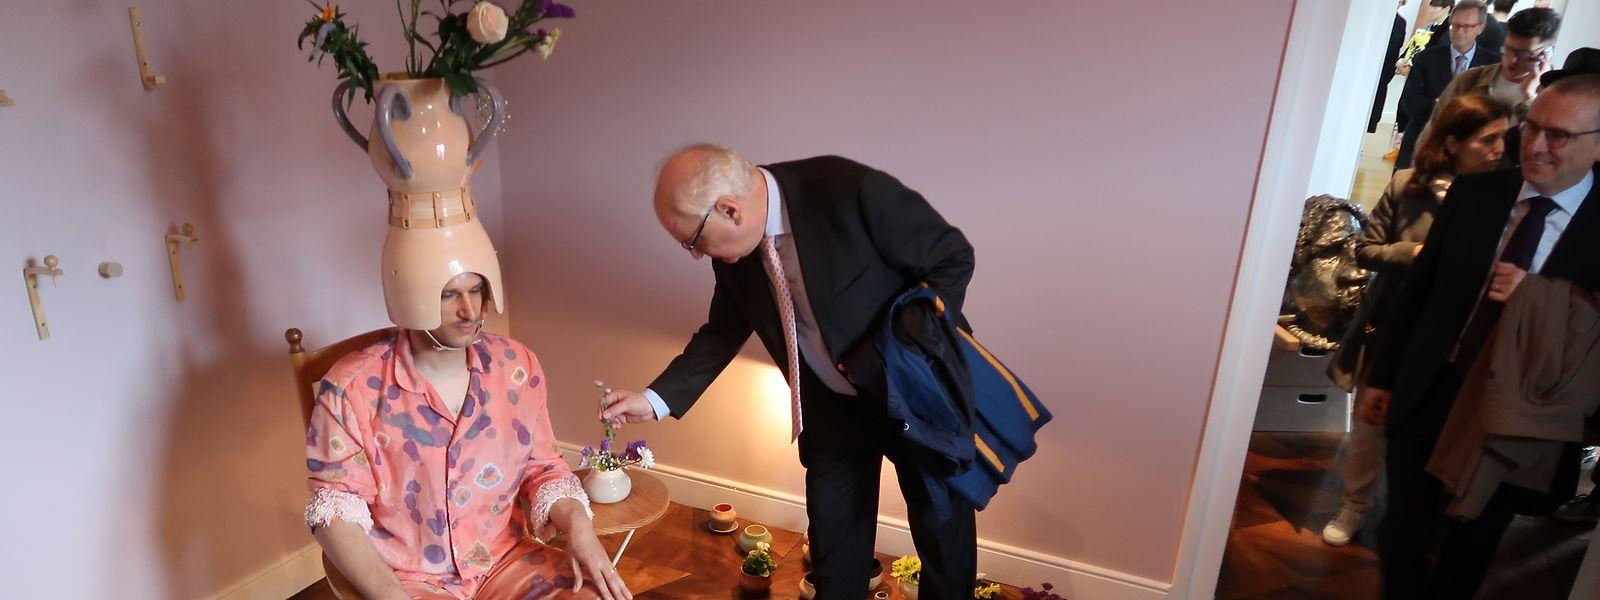 """""""Thank you so much"""": In seinem Kostüm bedankt sich Mike Bourscheid für die Blumen, die ihm die Eröffnungsbesucher in die Künstlerwohnstube bringen  - und diese unter anderem in der Vase auf dem Kopf platzieren."""